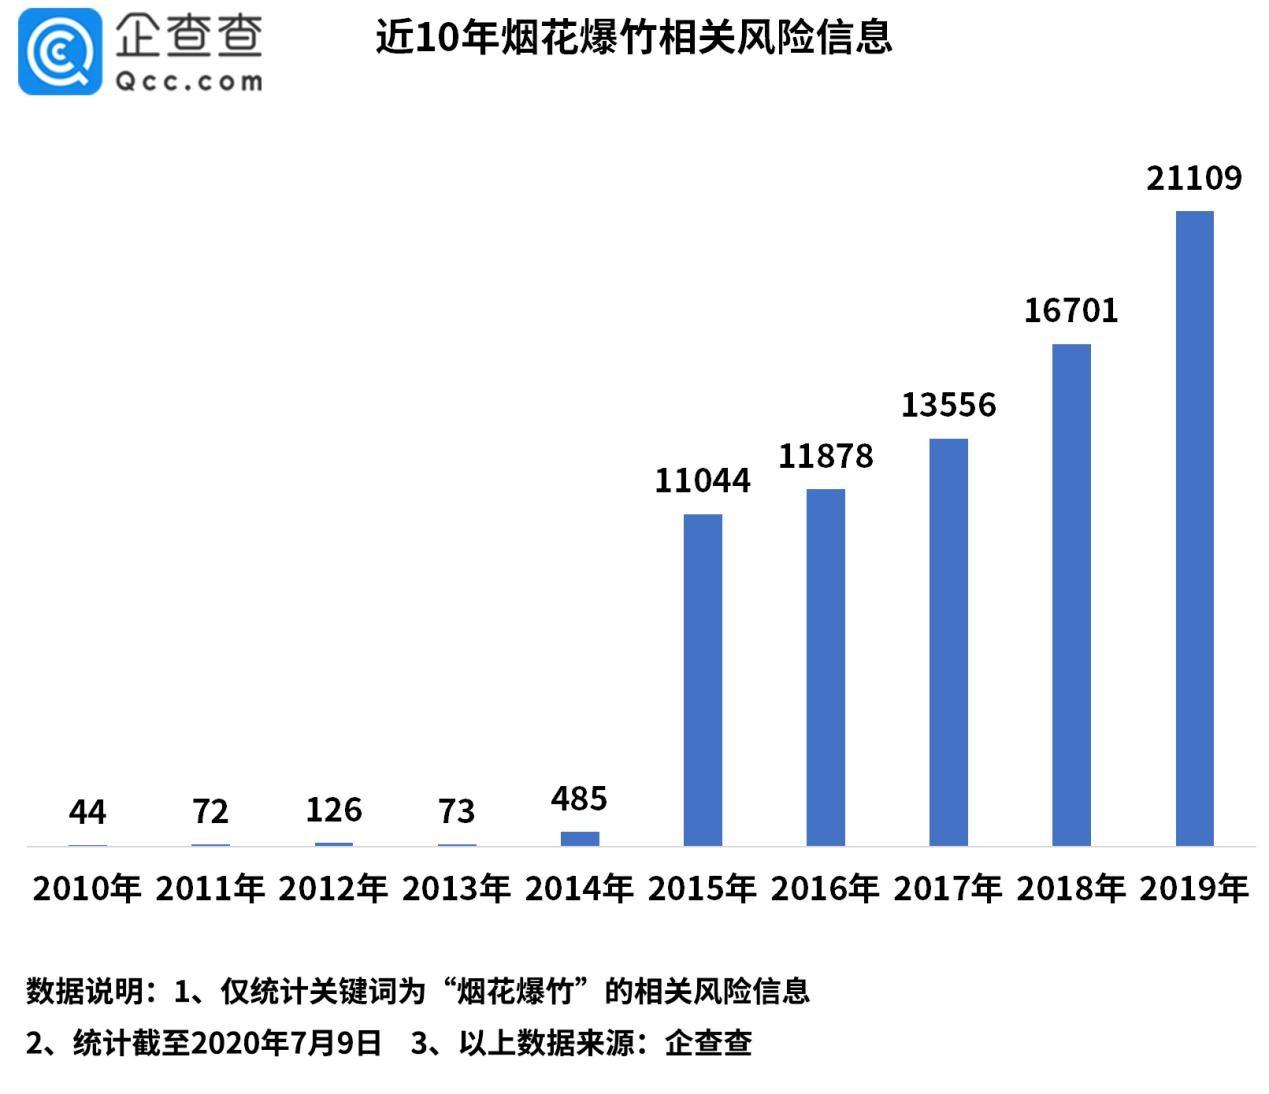 广汉鞭炮厂爆炸背后:2019年行业风险信息超2万条